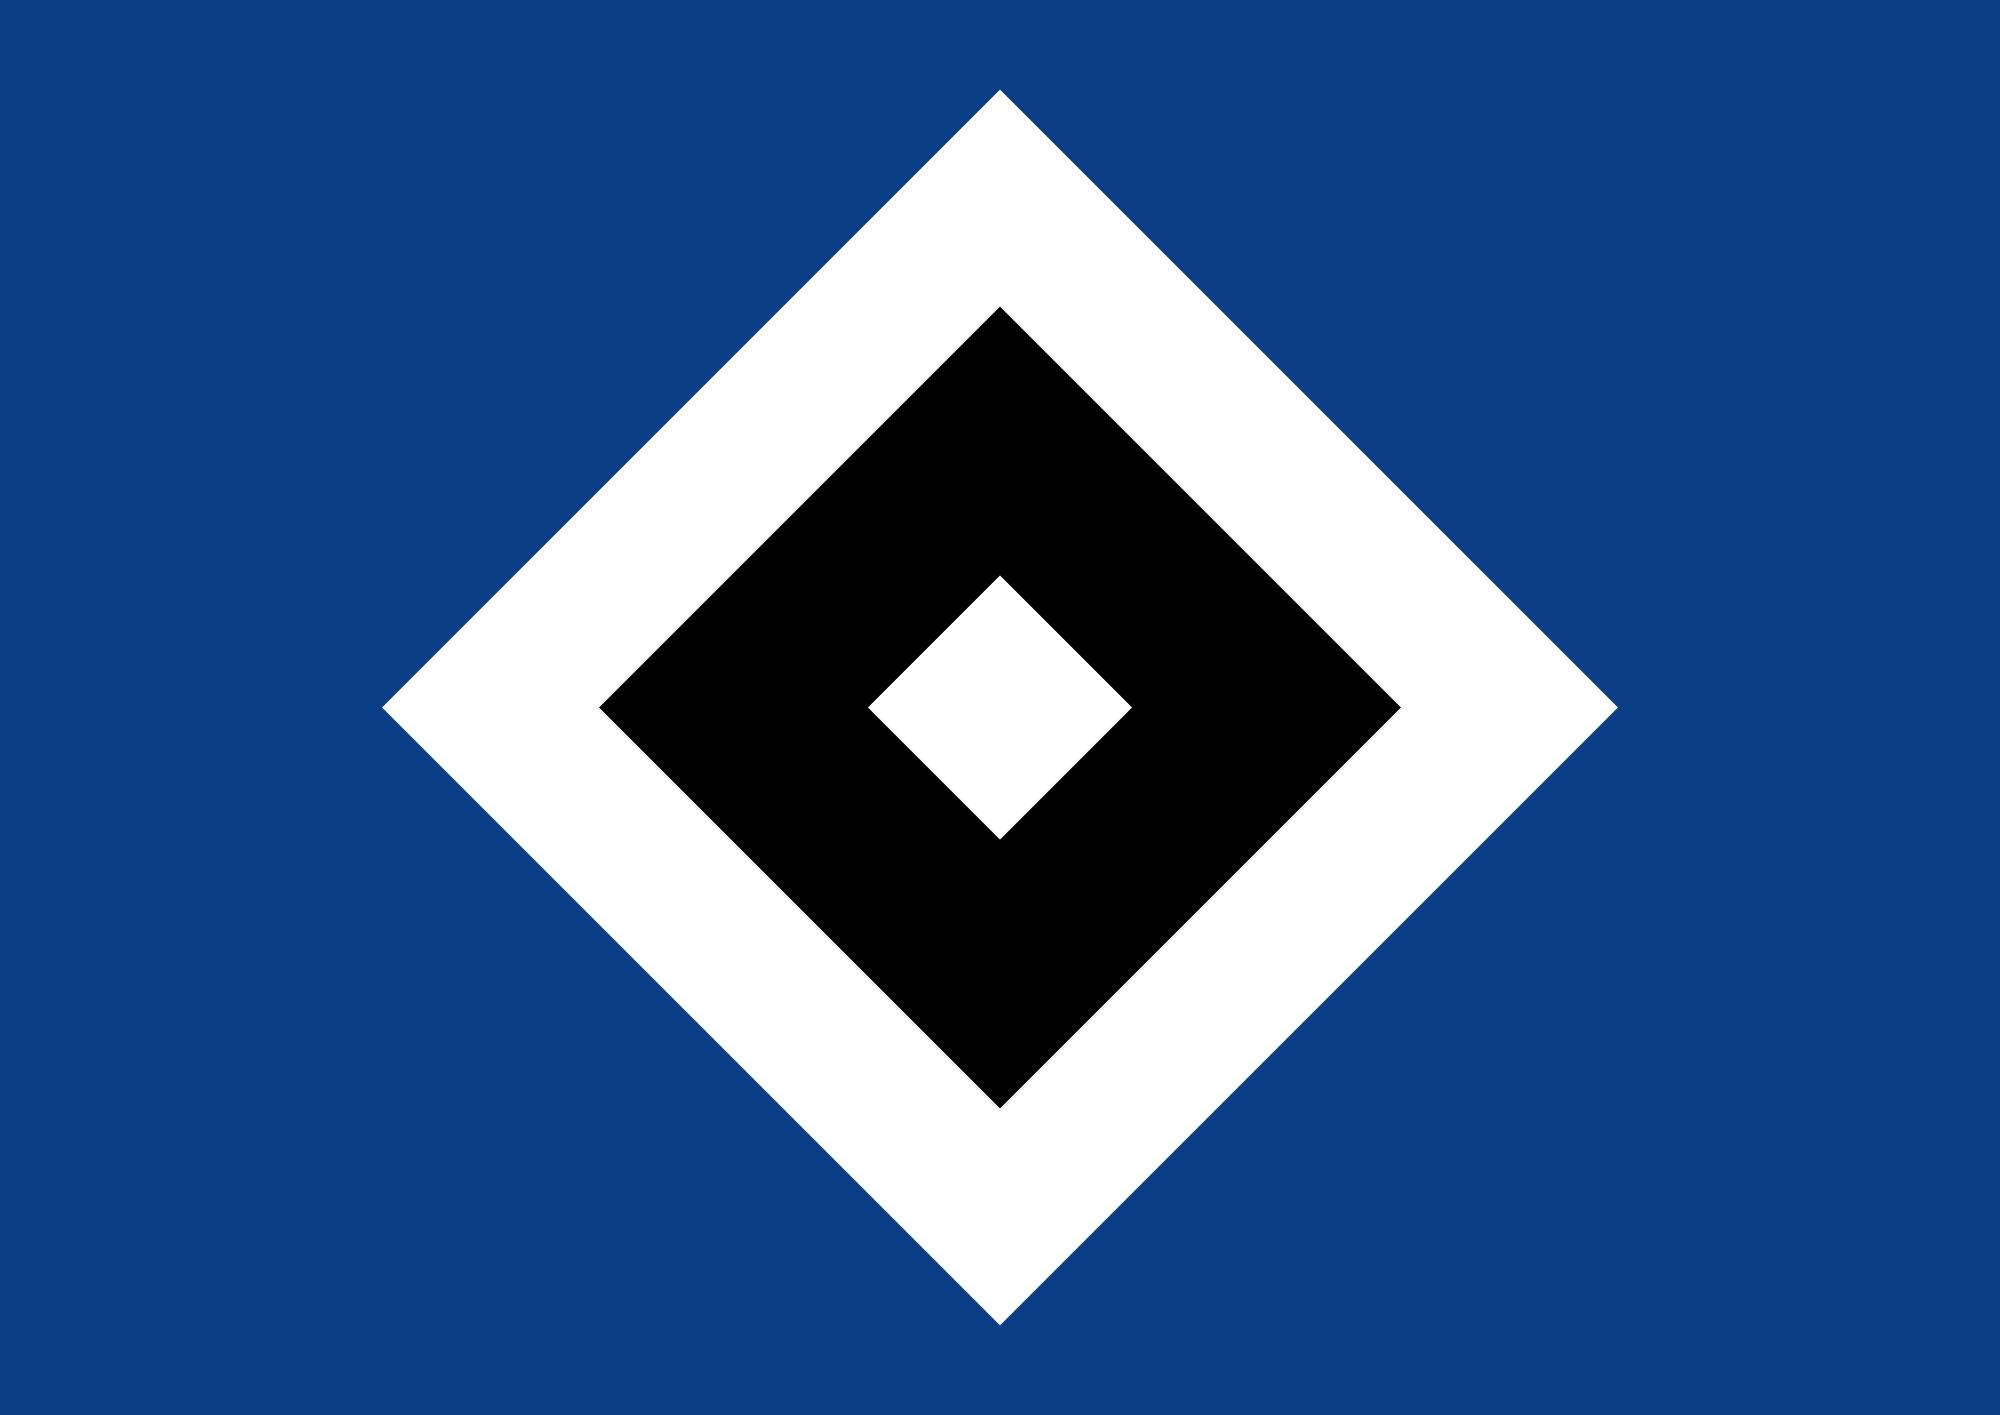 Hamburger SV.png - Hamburger Sv PNG